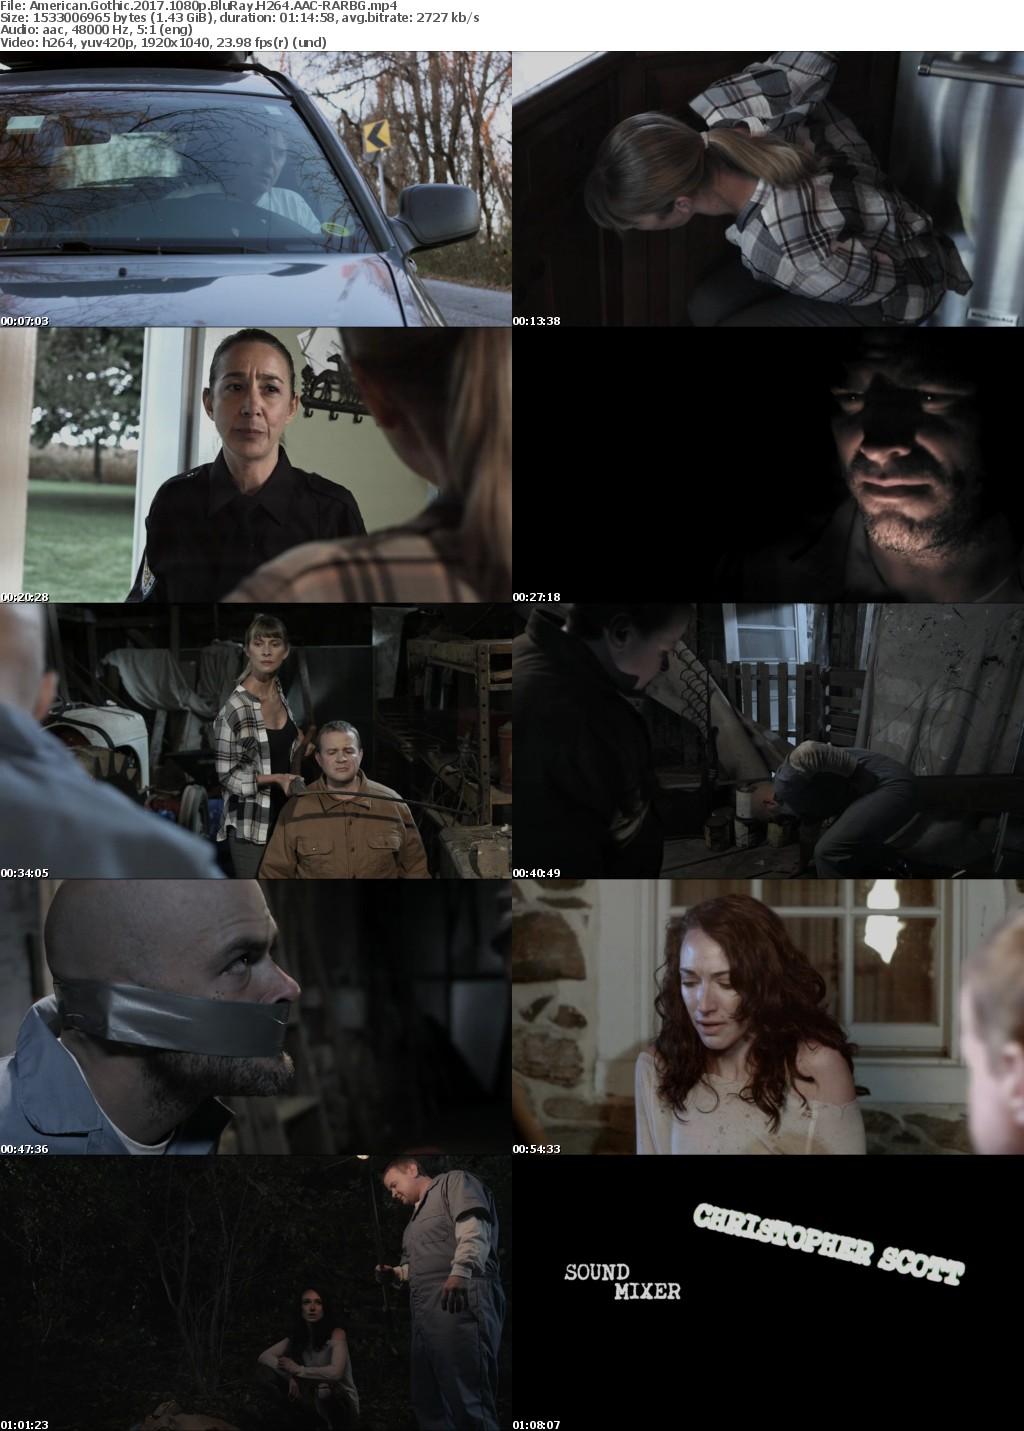 American Gothic (2017) 1080p BluRay H264 AAC-RARBG